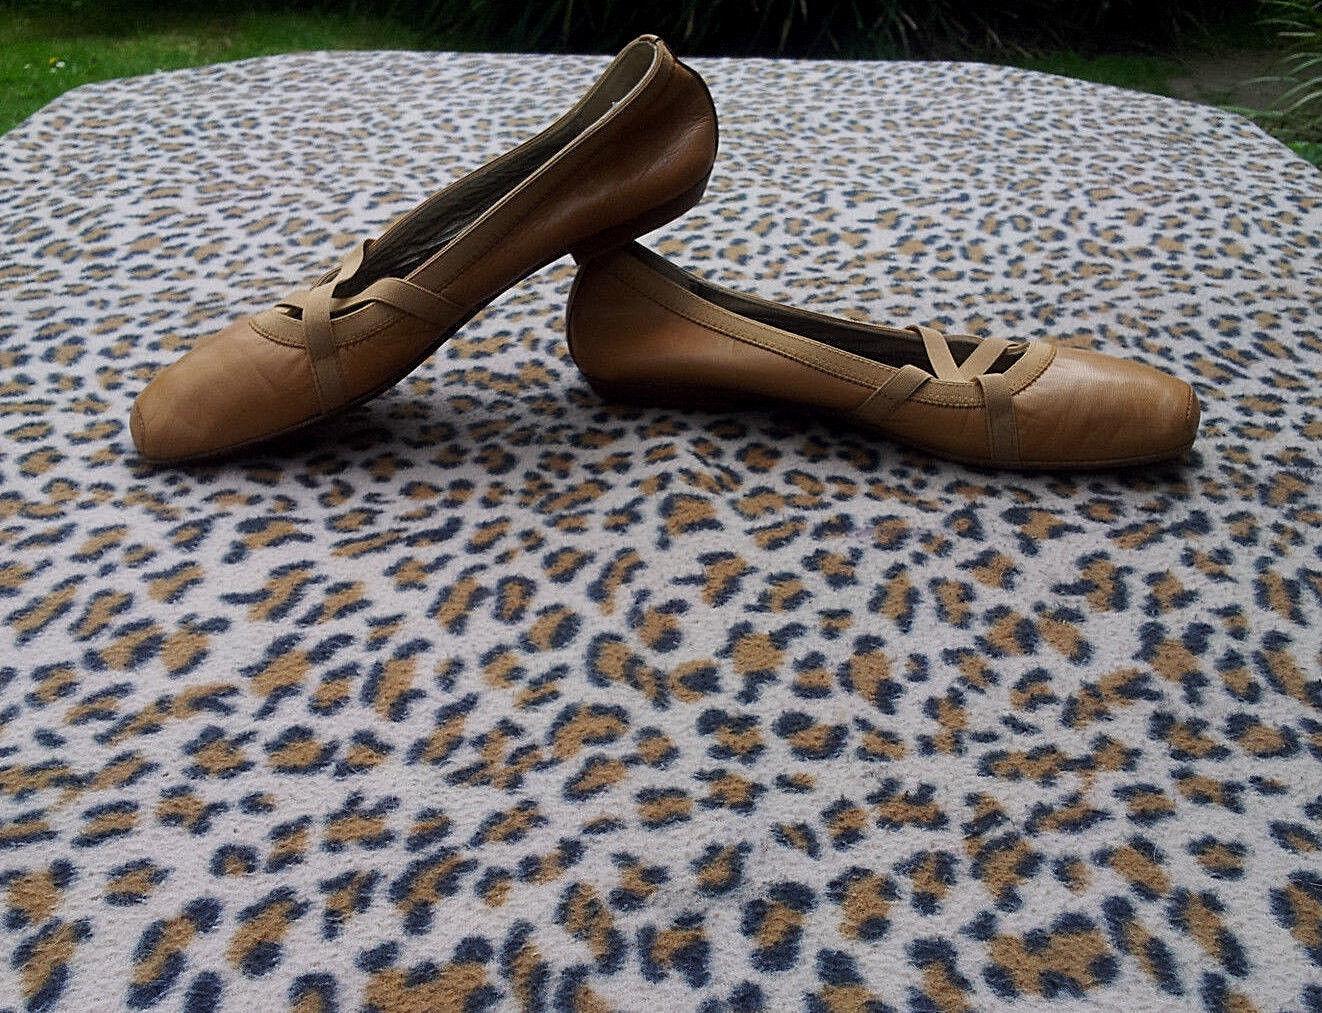 Manas LEA foscatti Scarpe da donna Made in Italy EU 38